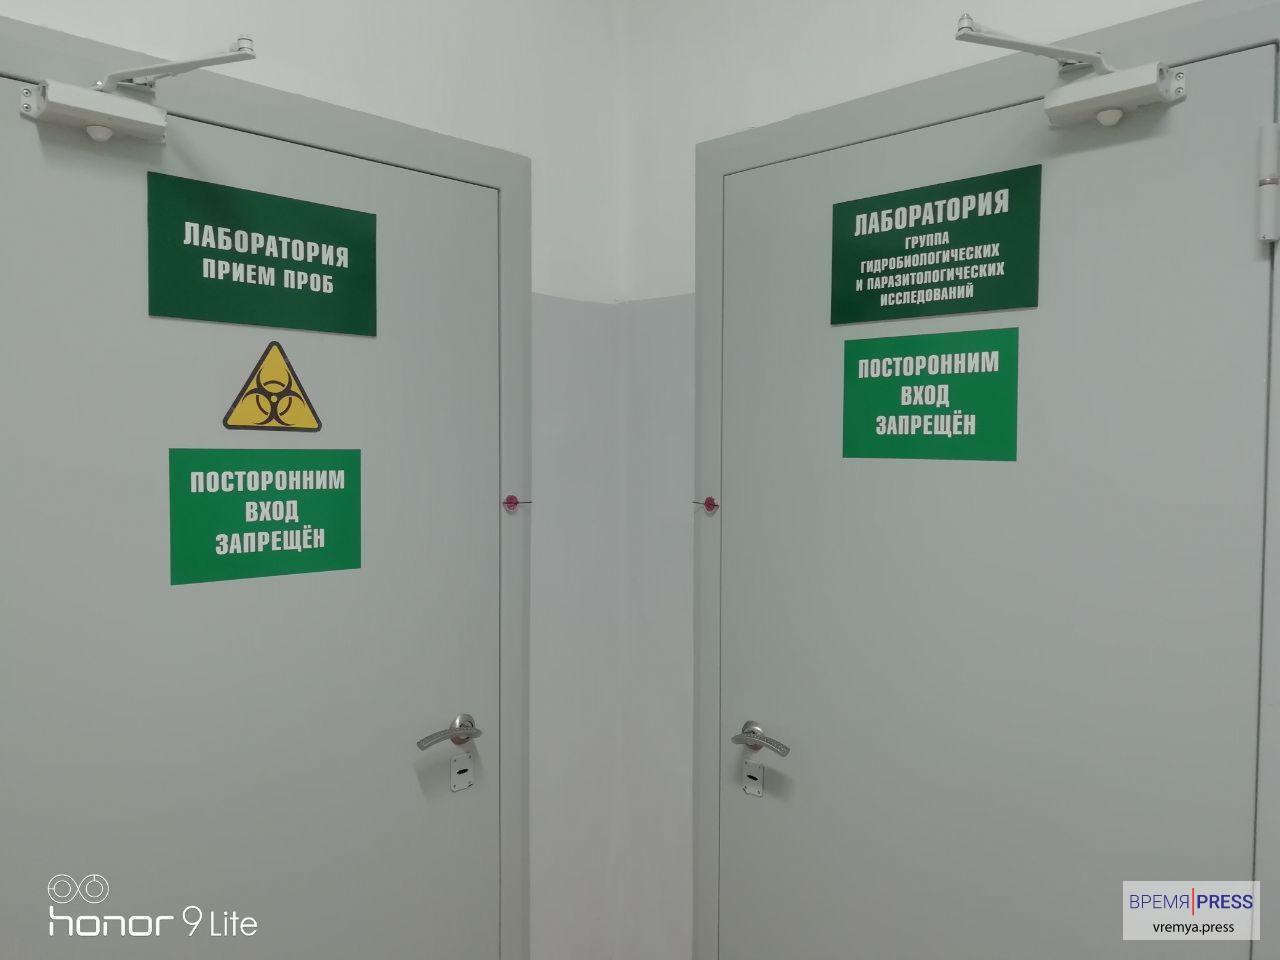 Лаборатории очистных сооружений Каменска-Уральского